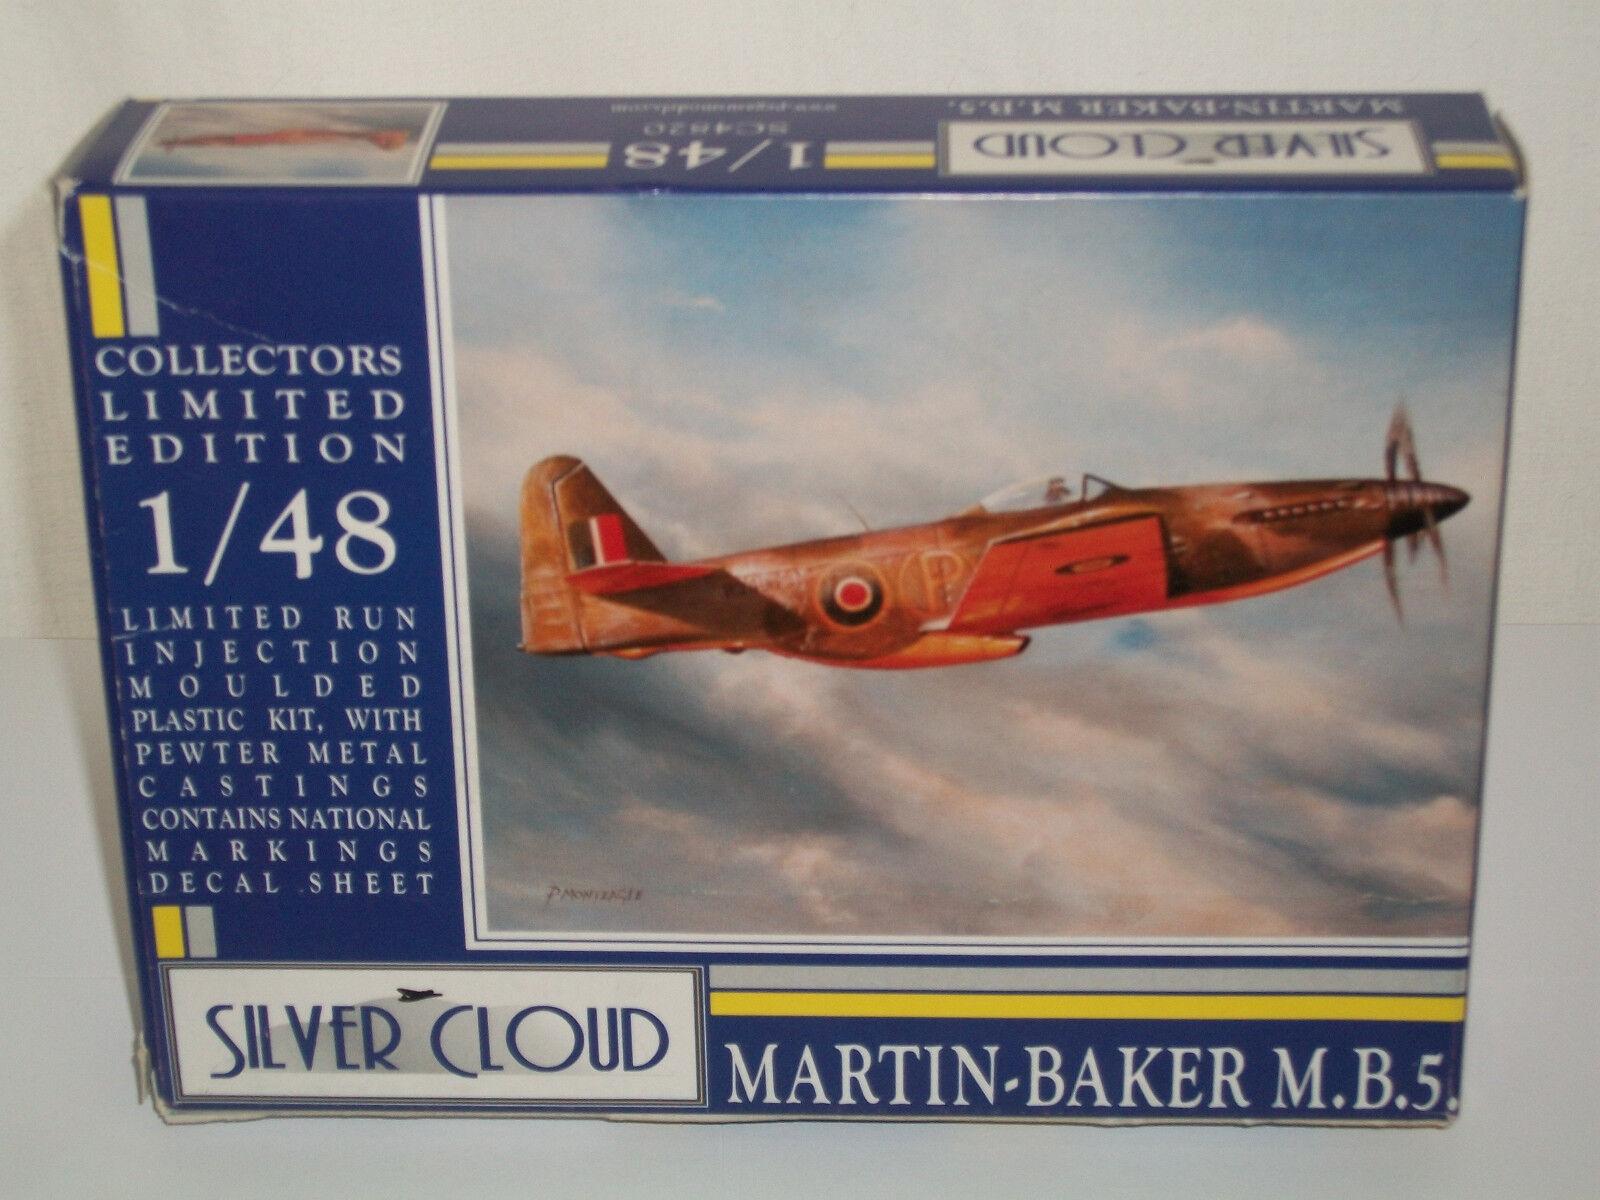 Zilveren Cloud 1 48 Scale Martin-Baker M.B.5